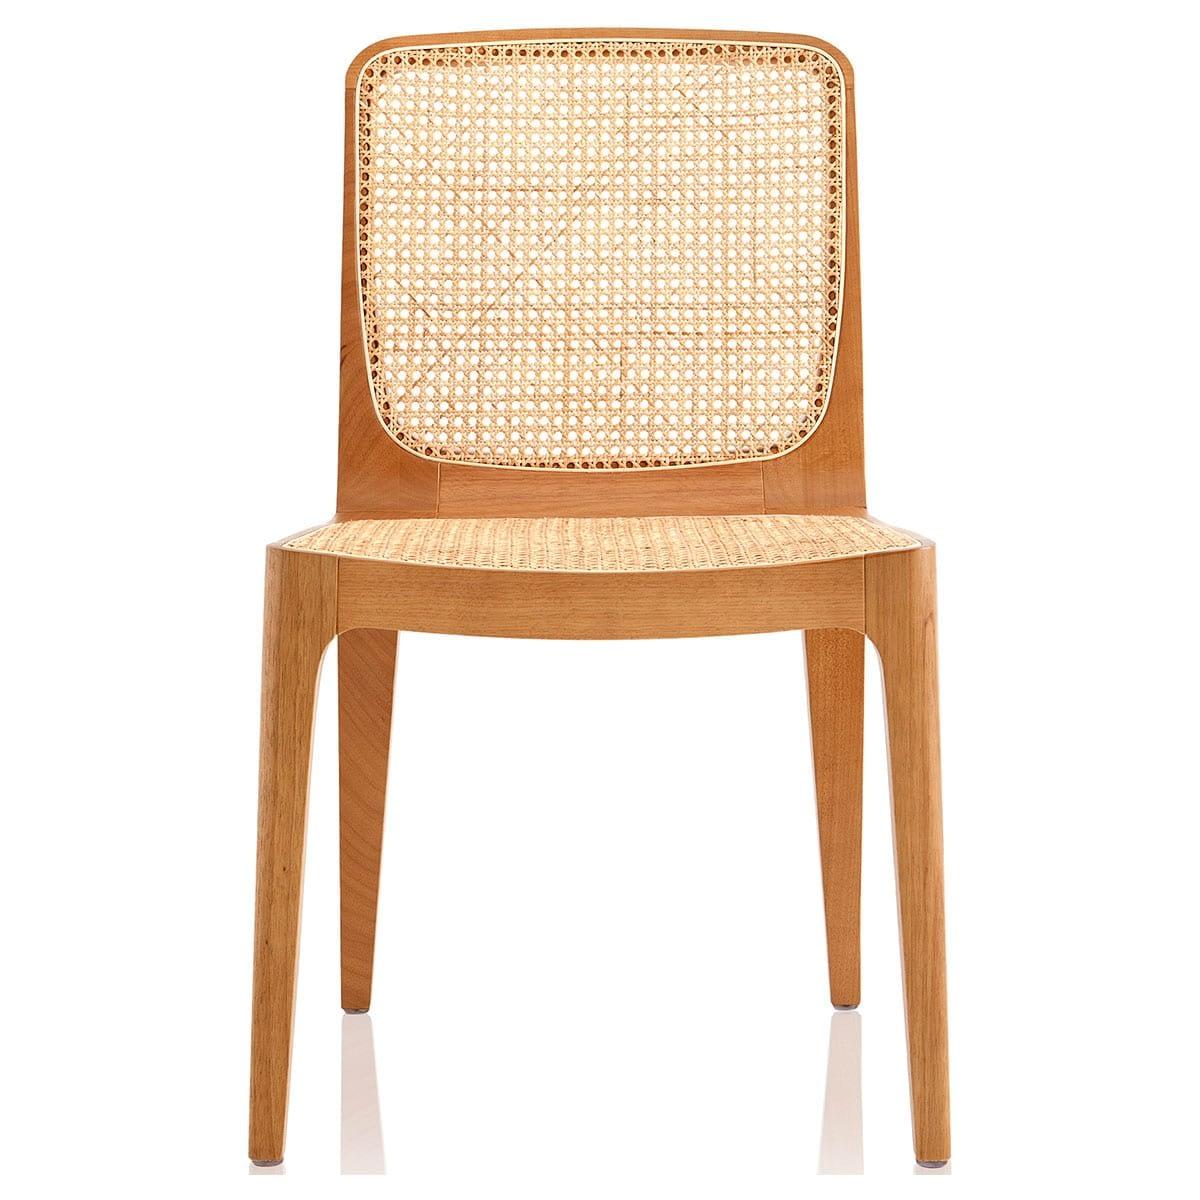 Designer Jader Almeidal Design Bossa Chair